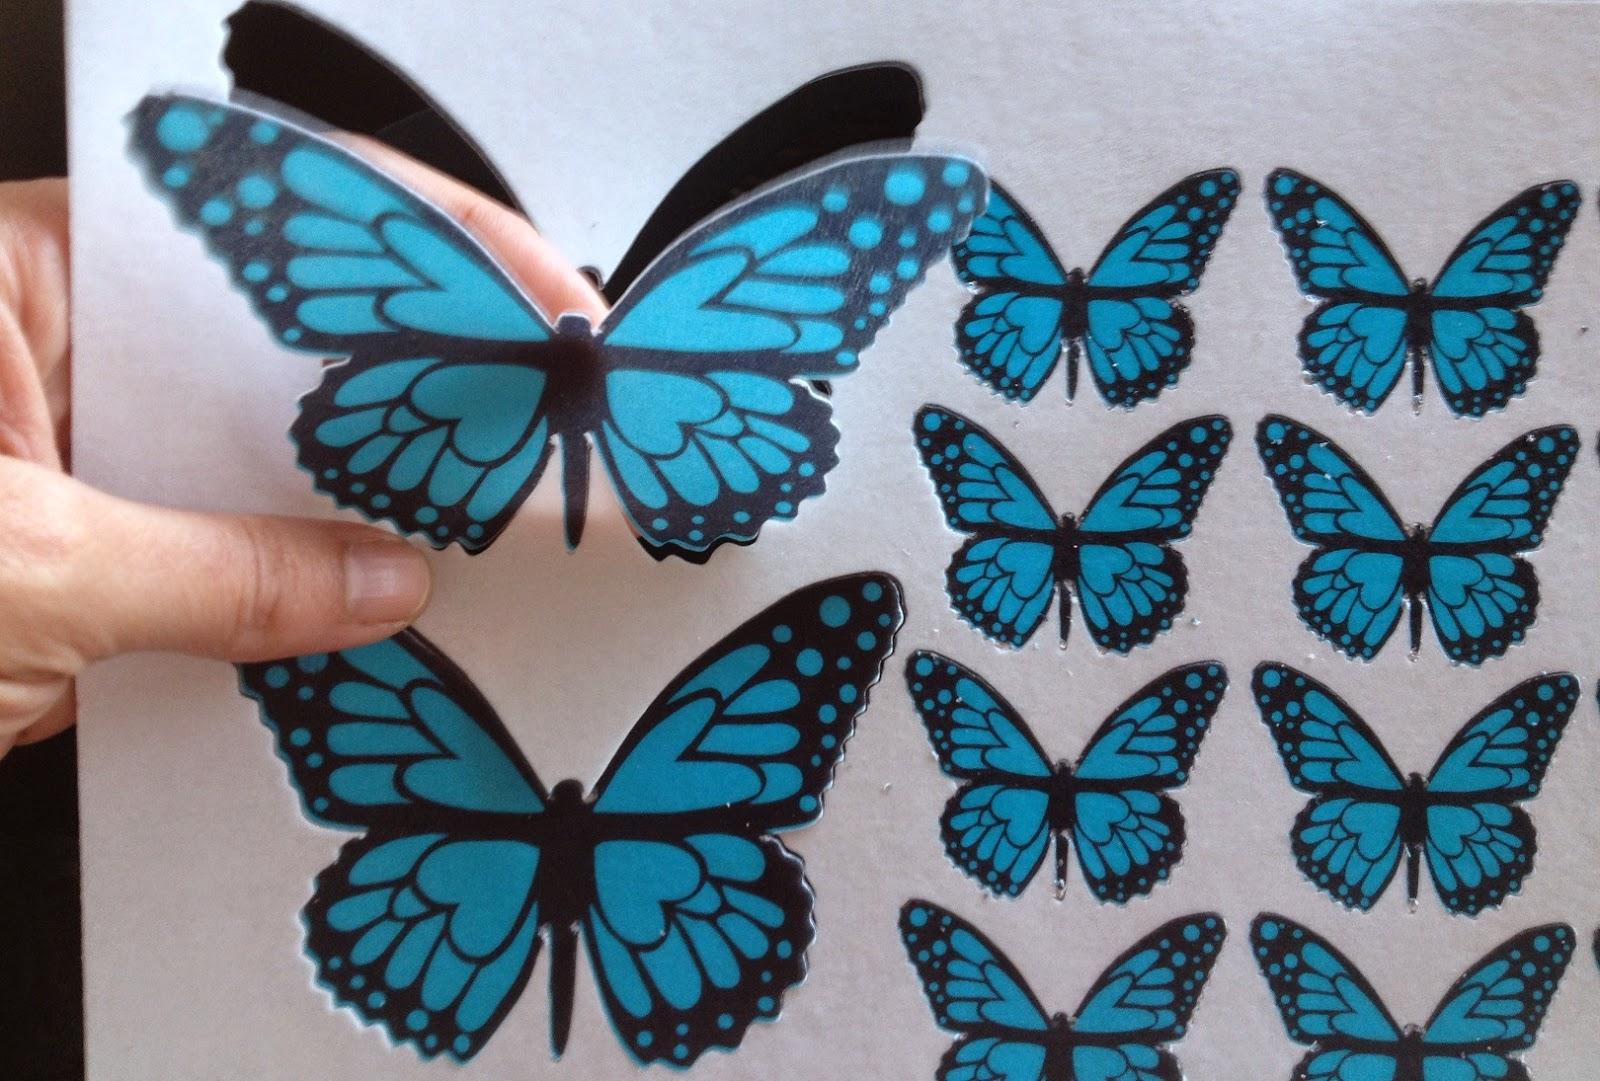 Fotopastel paso a paso para decorar una tarta con mariposas precortadas en papel de arroz - Mariposas para decorar ...